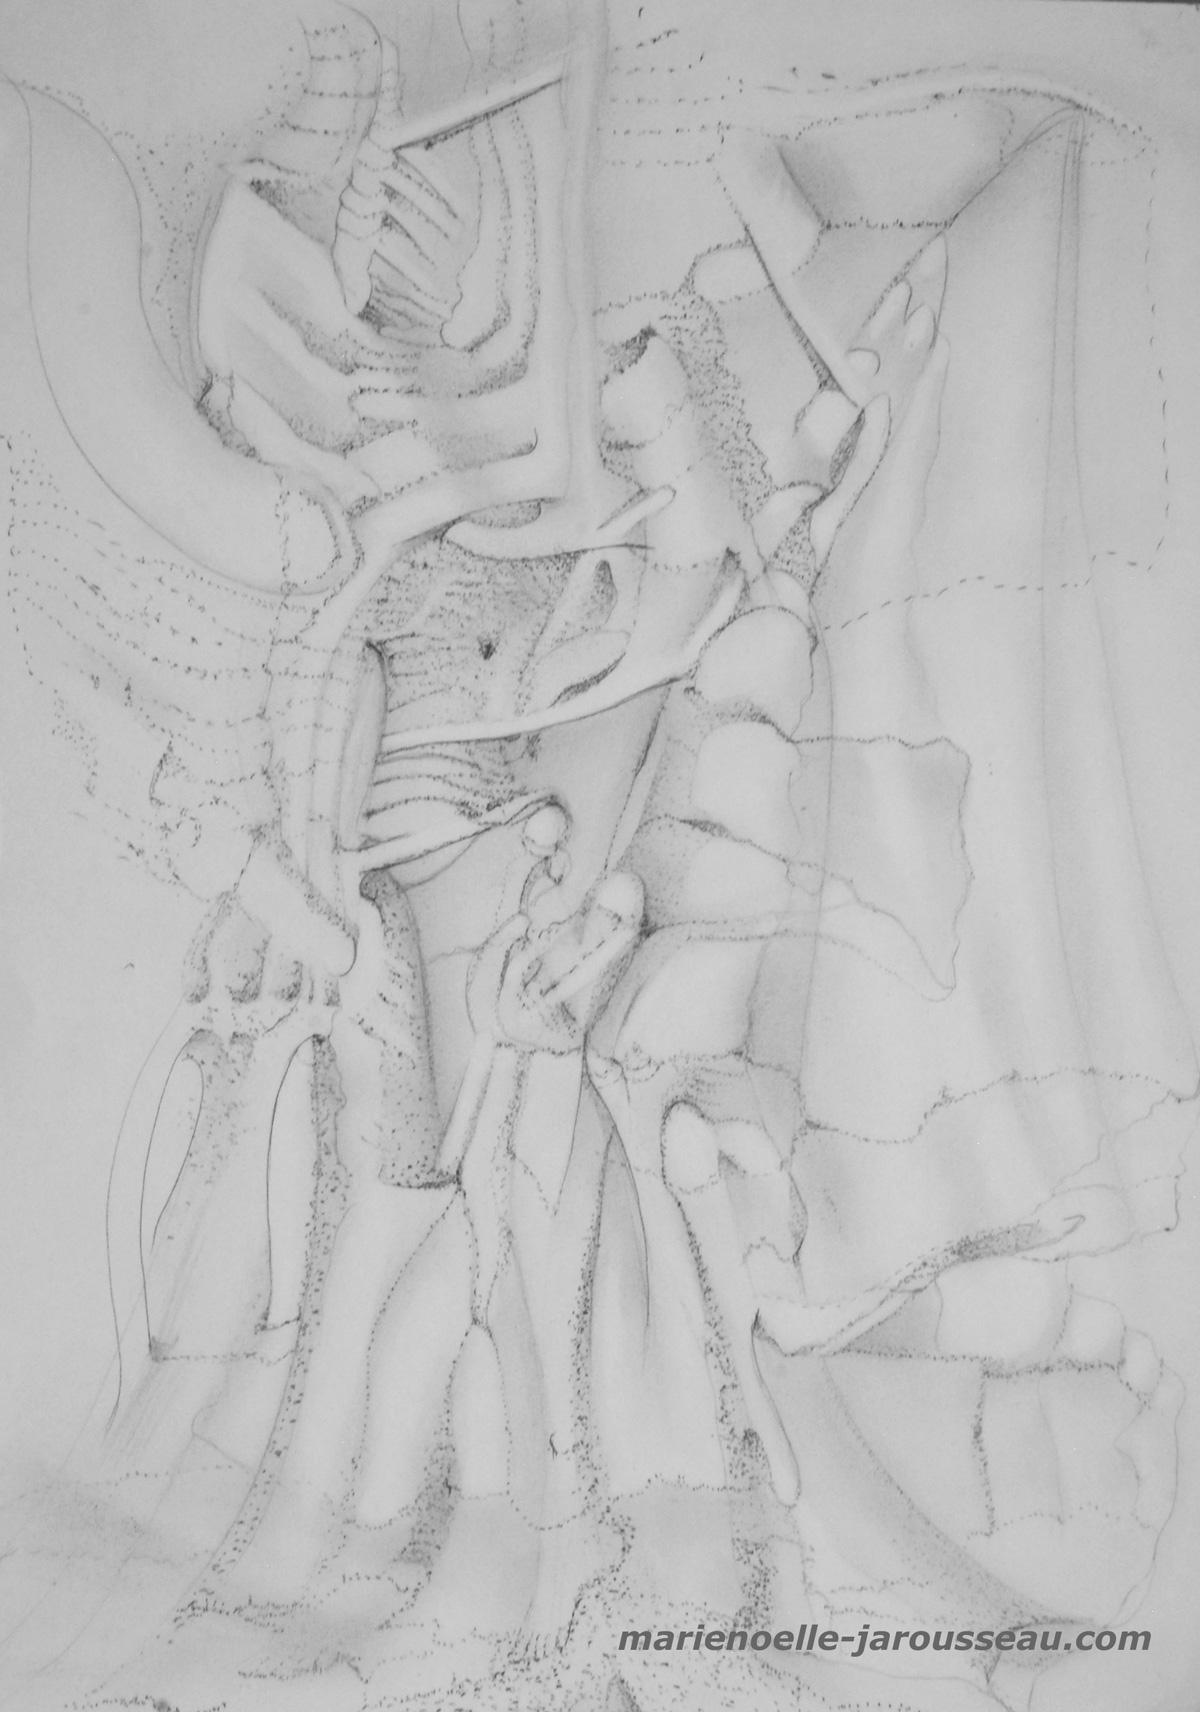 207 - CORPS HUMAINS - crayon - 29,7 x 42